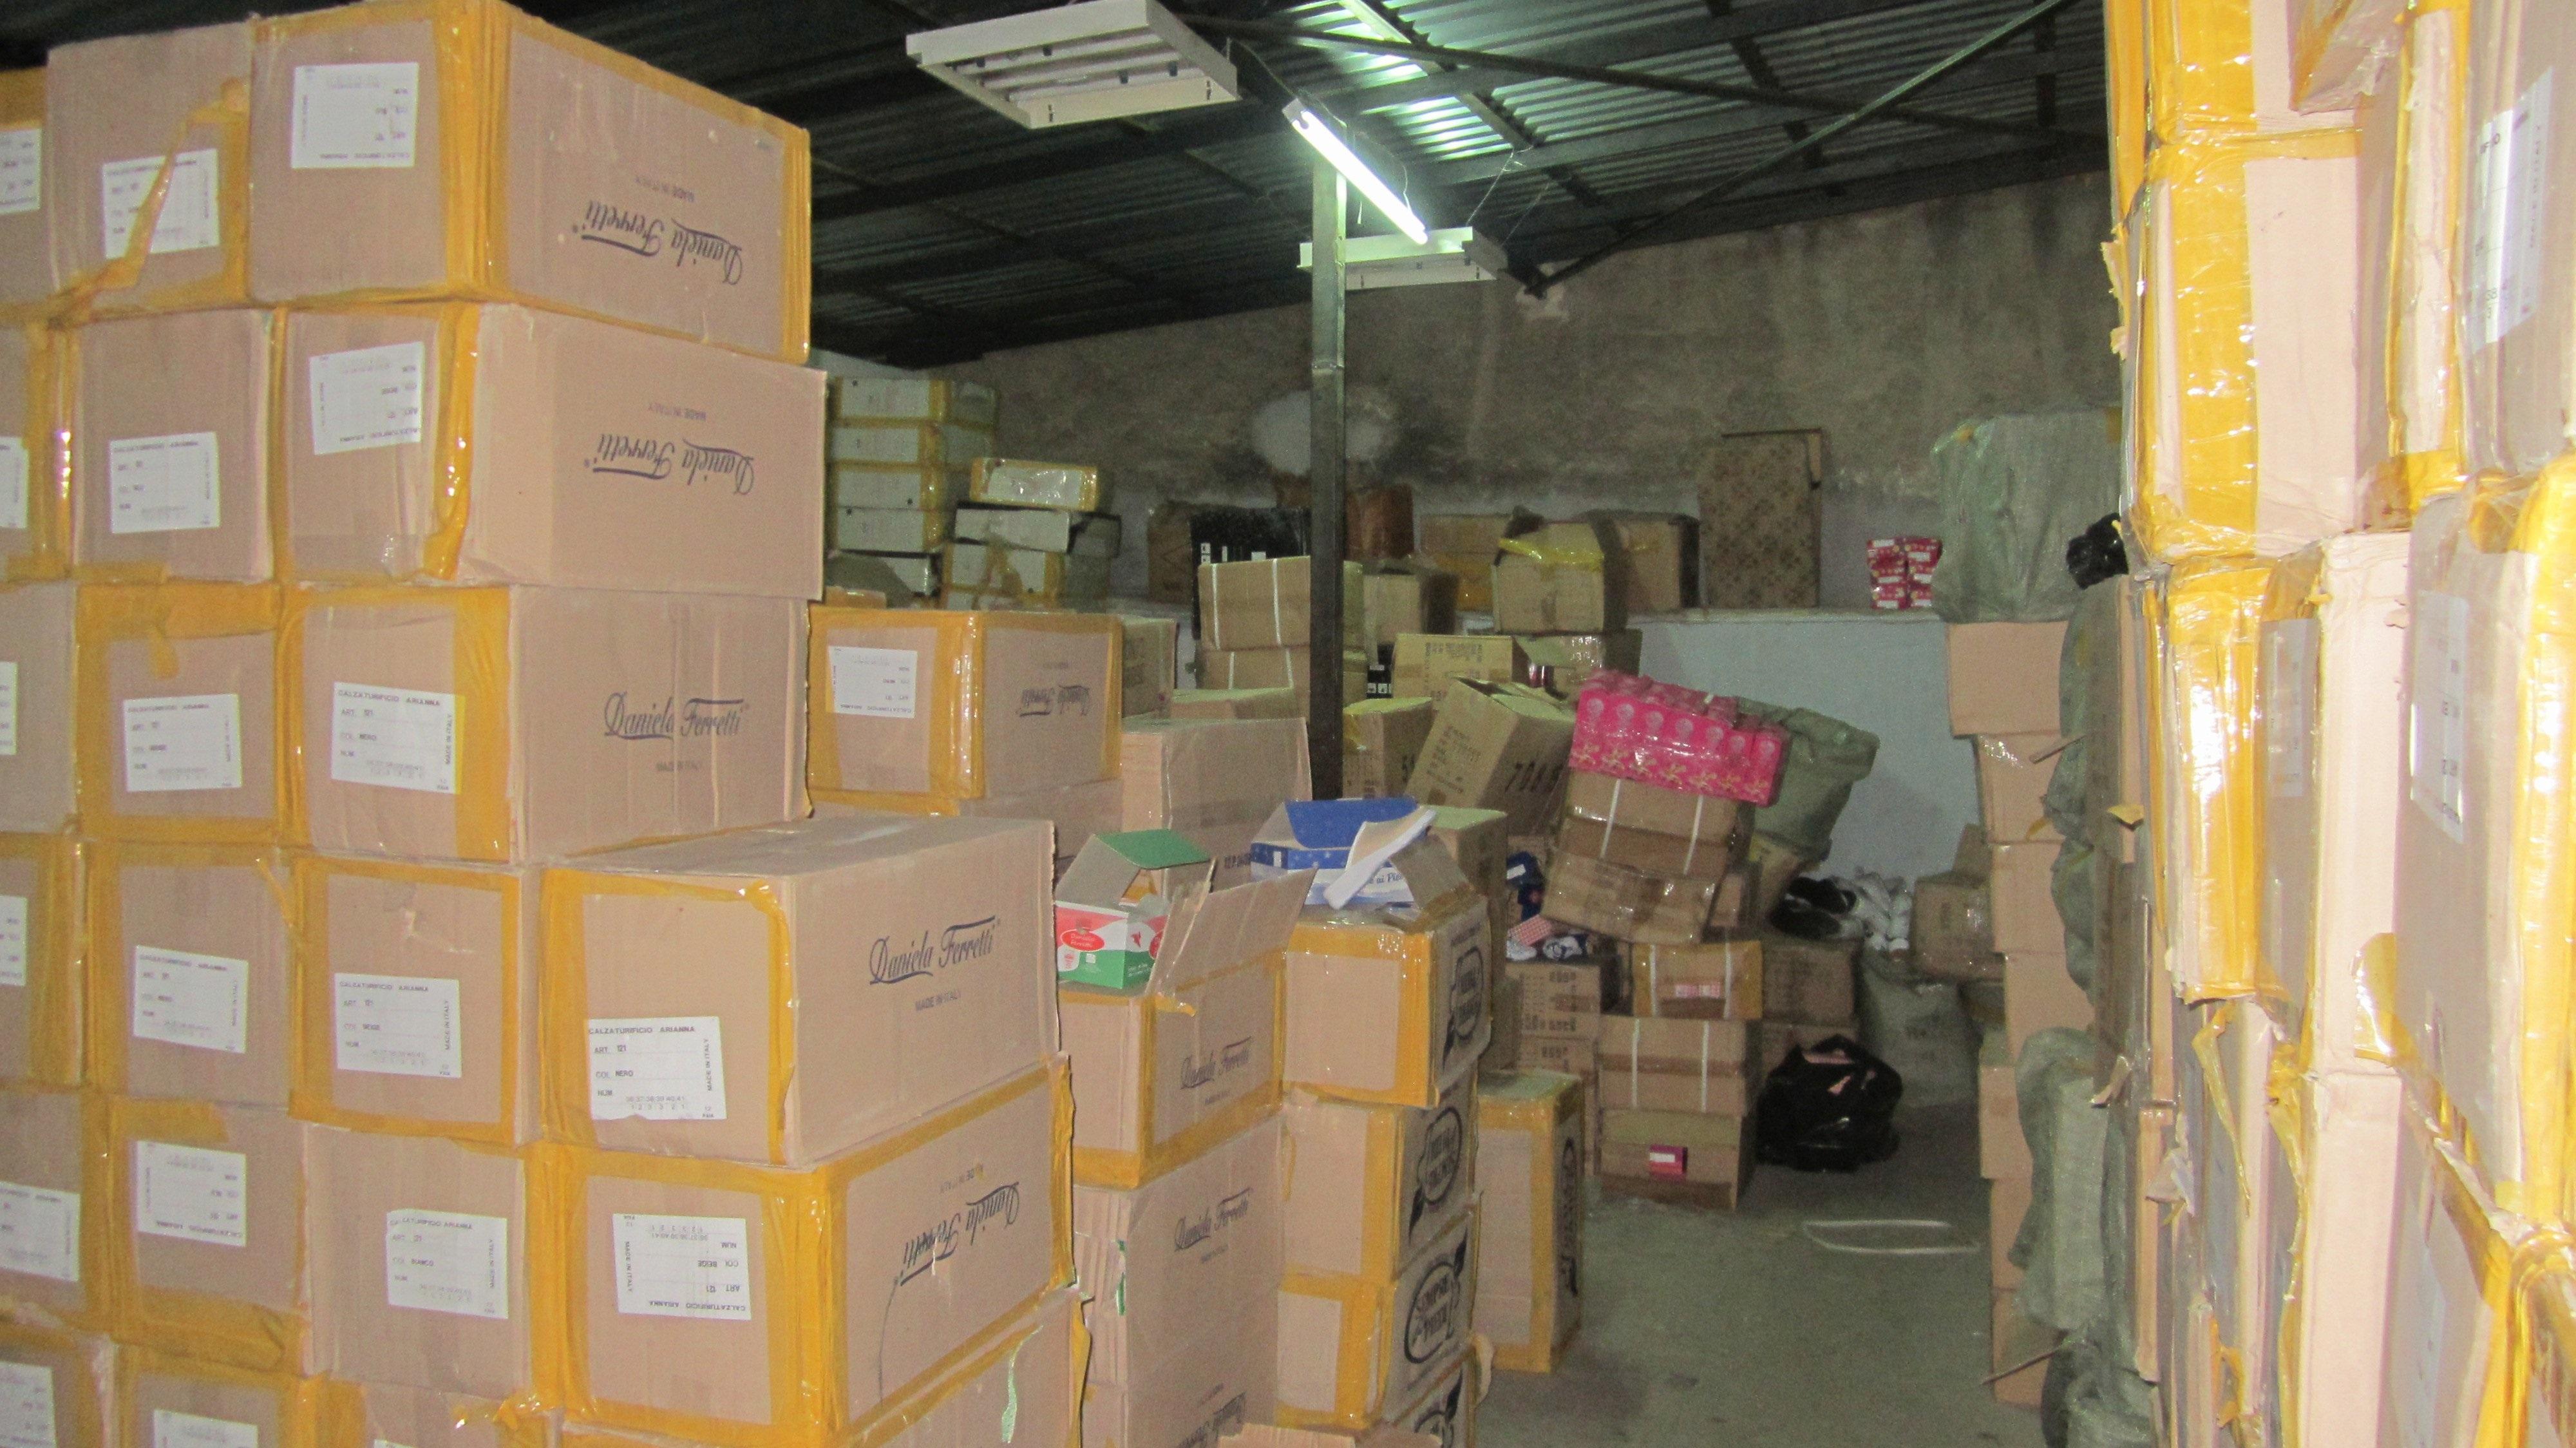 Πρόστιμα 8.300 ευρώ επιβλήθηκαν για παράνομο εμπόριο «μαϊμού» προϊόντων